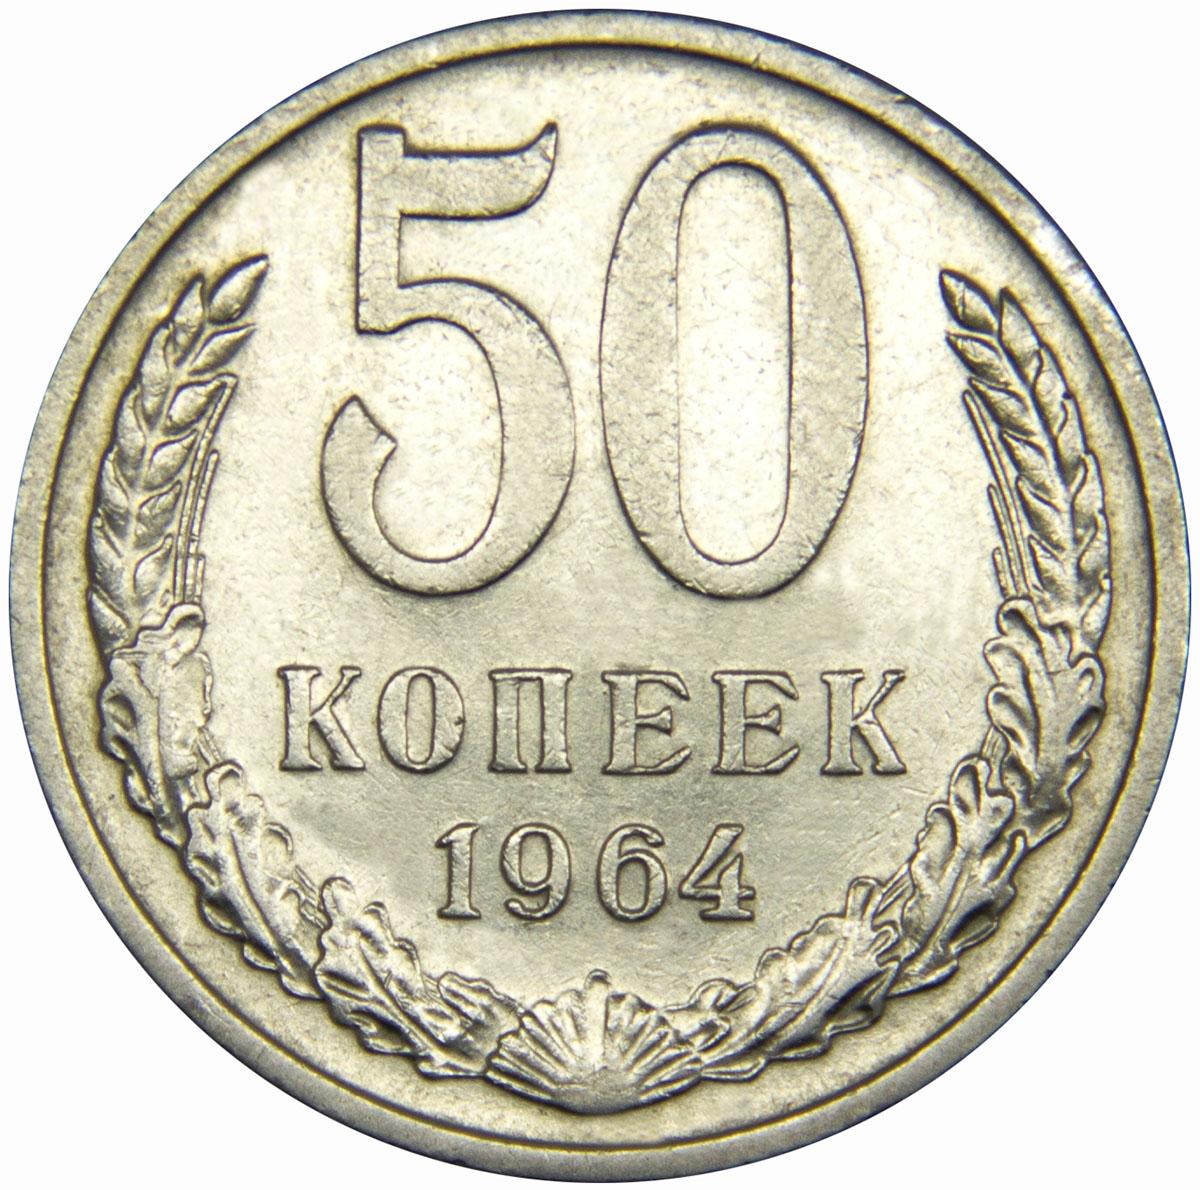 Монета номиналом 50 копеек. Медно-никелевый сплав. Сохранность VF. СССР, 1964 год739Диаметр монеты: 24 мм Вес: 4,4 г. Материал: медь-никель Гурт: надпись